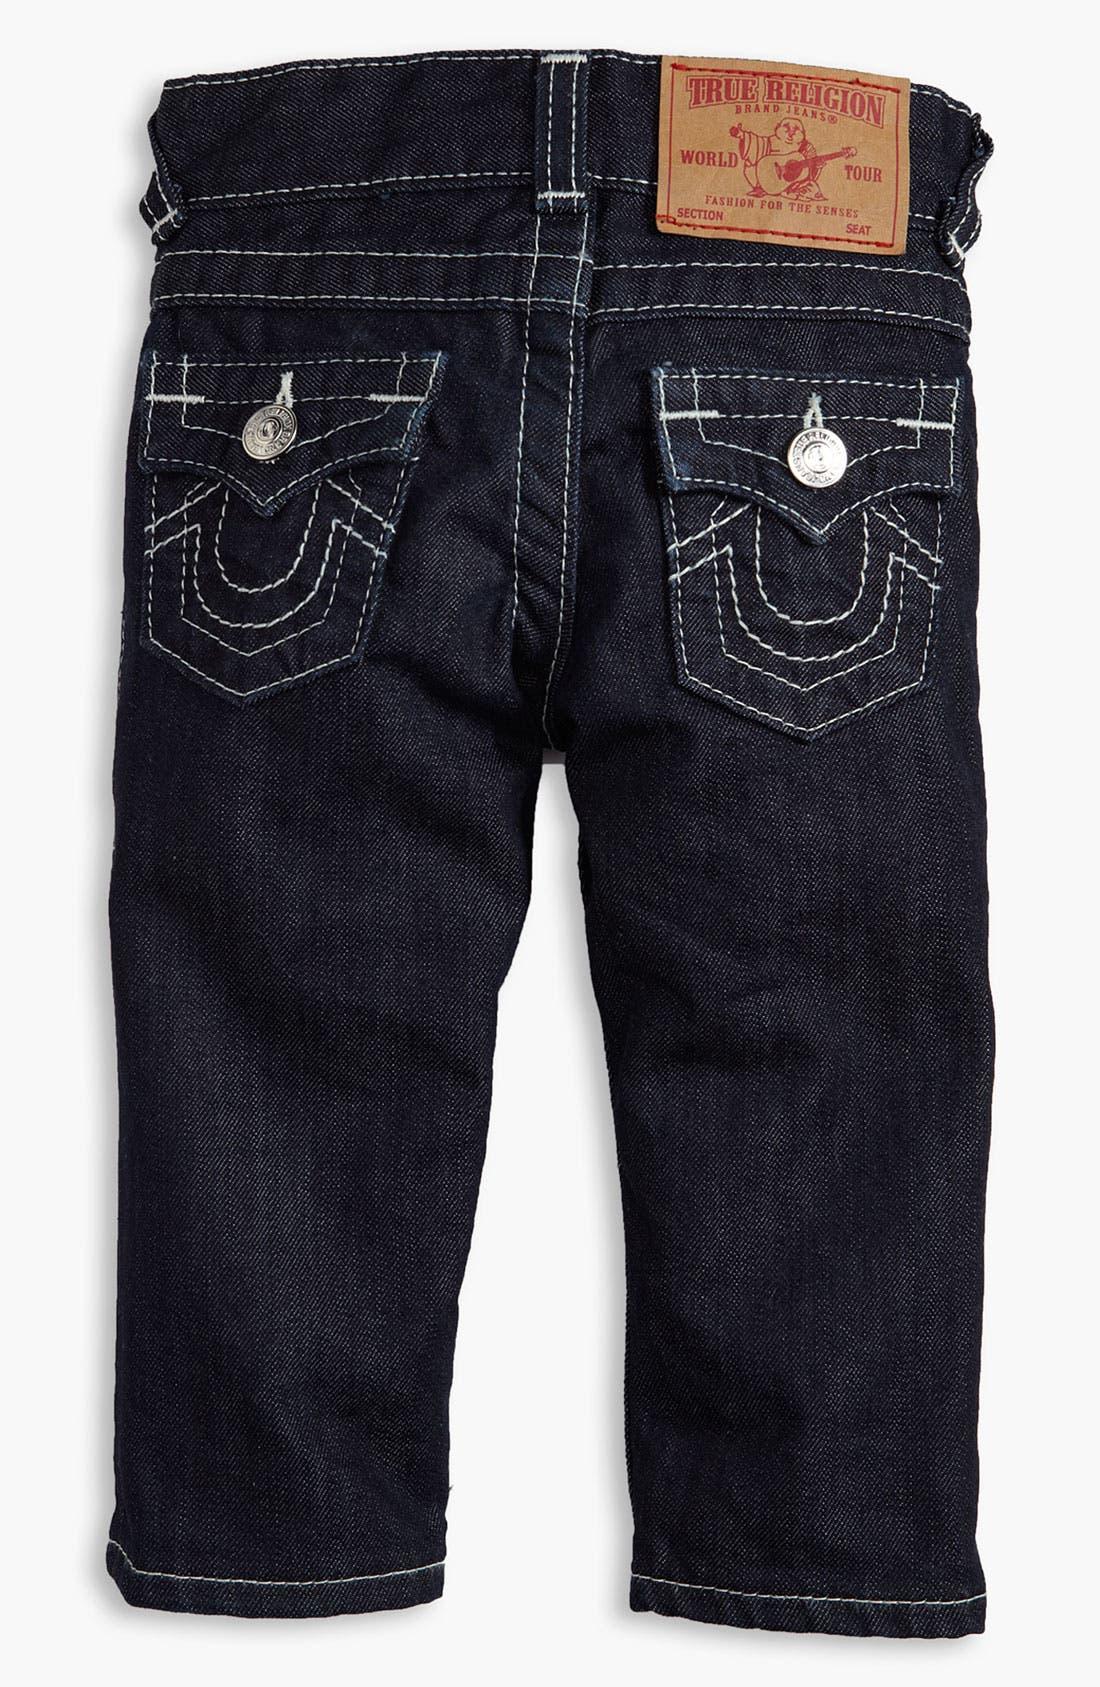 Alternate Image 1 Selected - True Religion Brand Jeans Straight Leg Jeans (Infant)